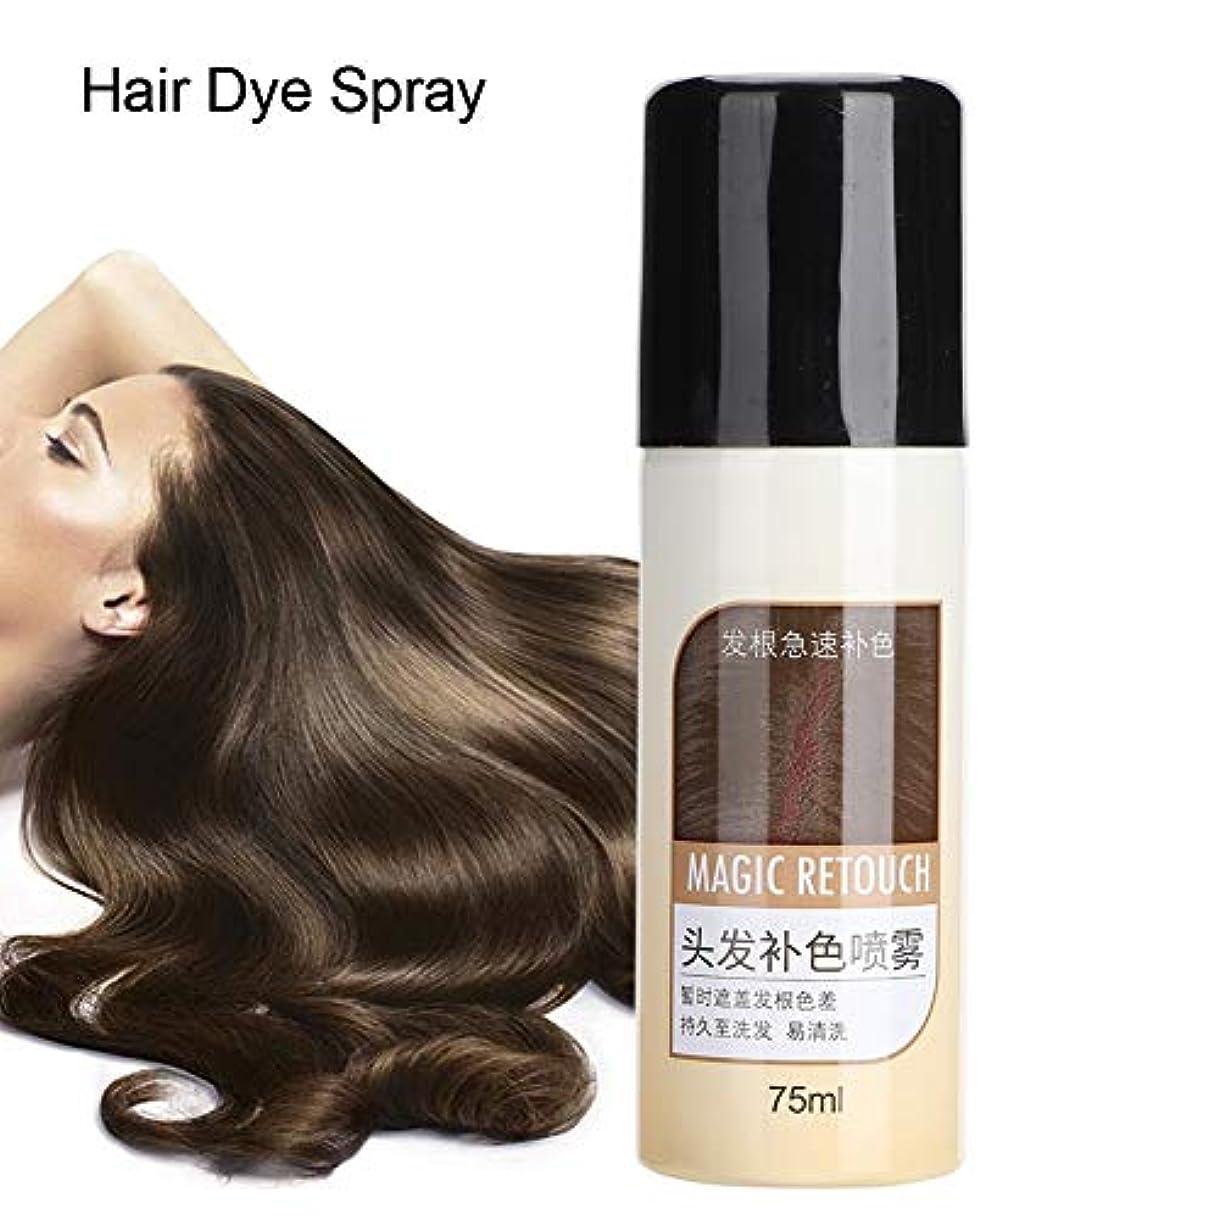 費用領事館想定ヘアダイ、べたつかないマットヘアスタイル栄養補給用洗えるスプレーカバー白髪用長続きするカラー染料750ml (#1)